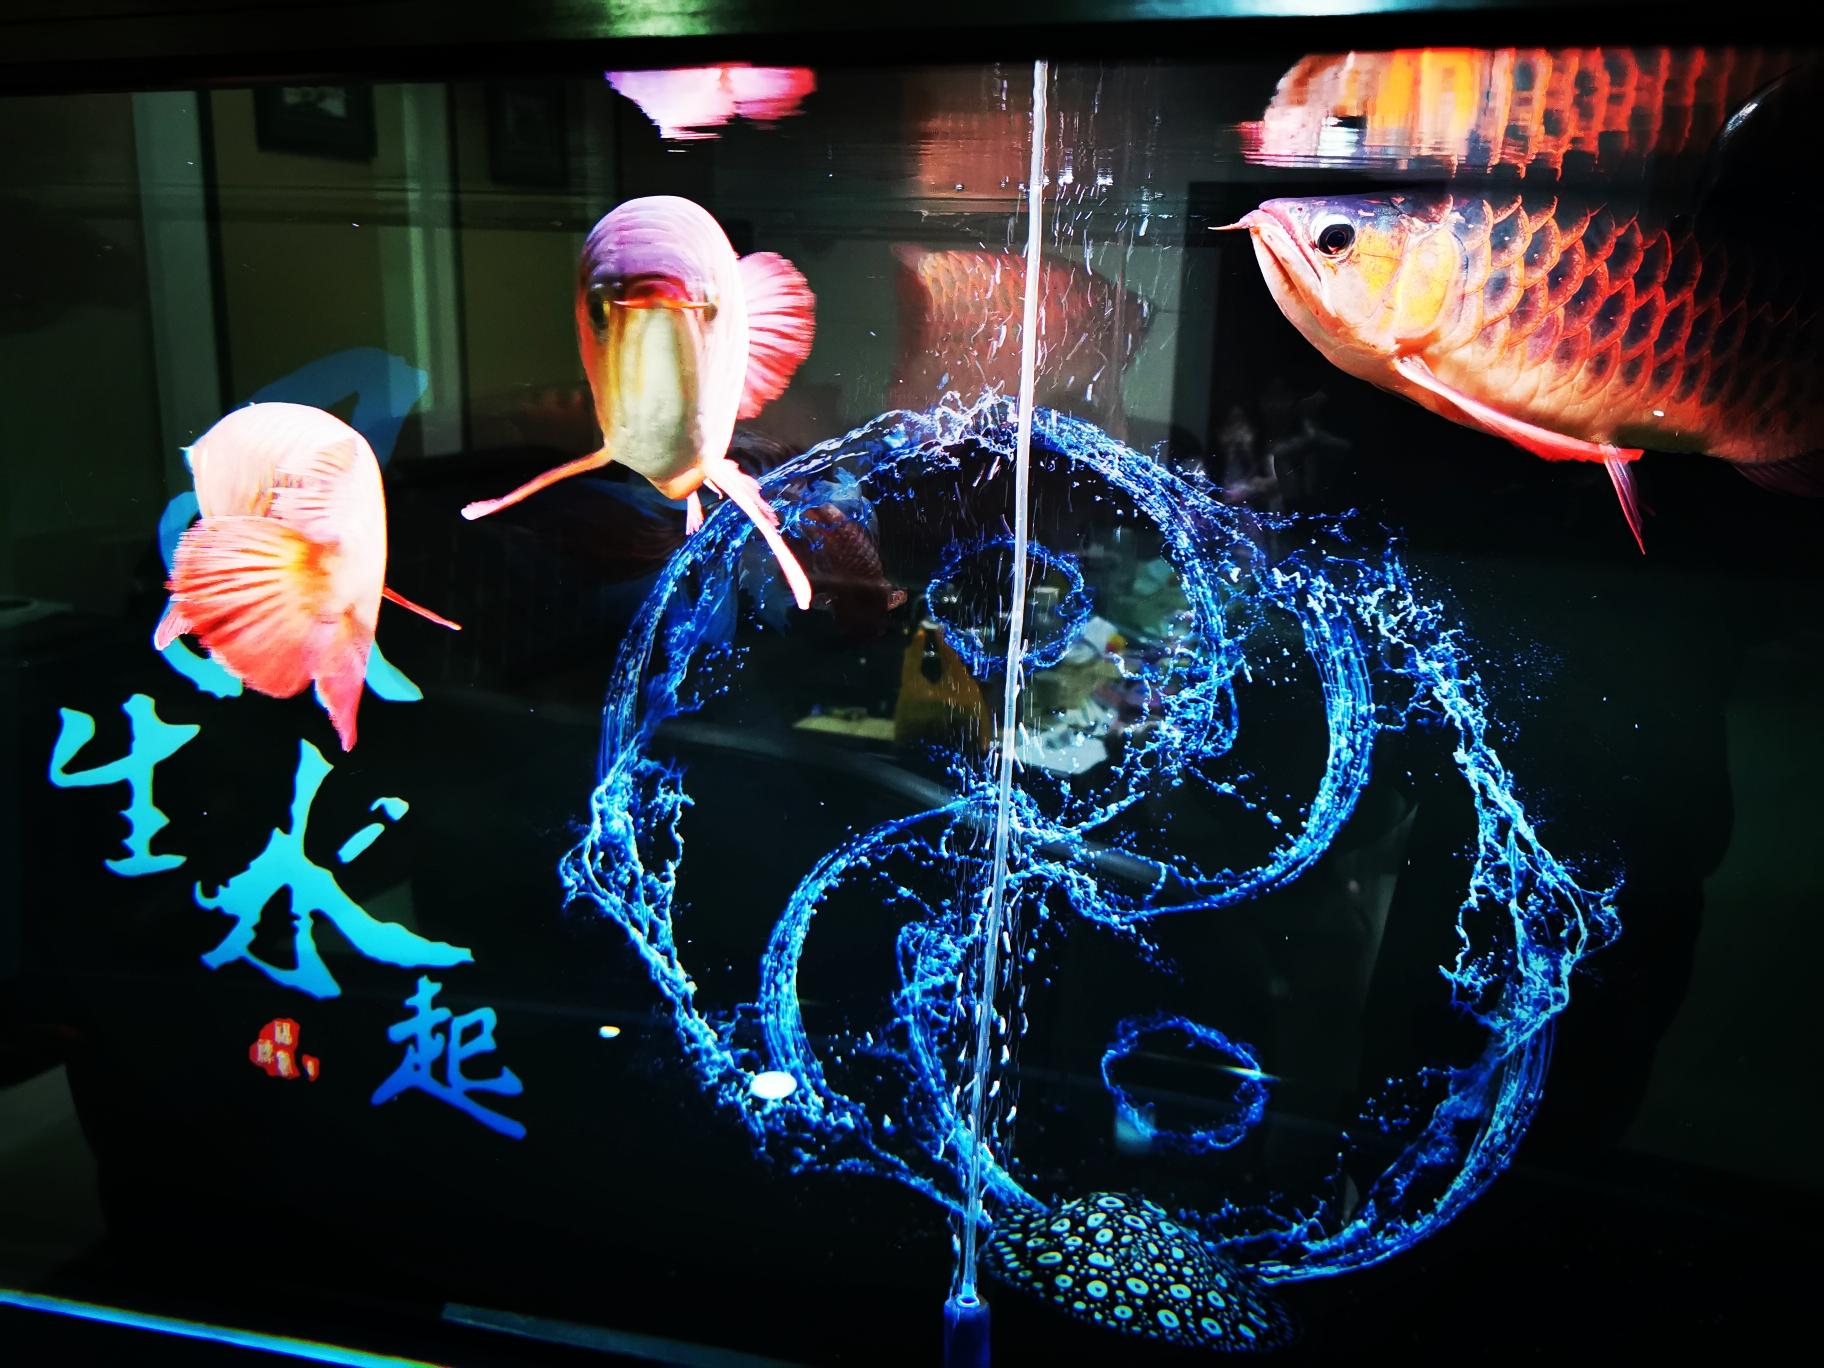 传说中的霸气侧漏[ciya] 昆明水族批发市场 昆明龙鱼第3张